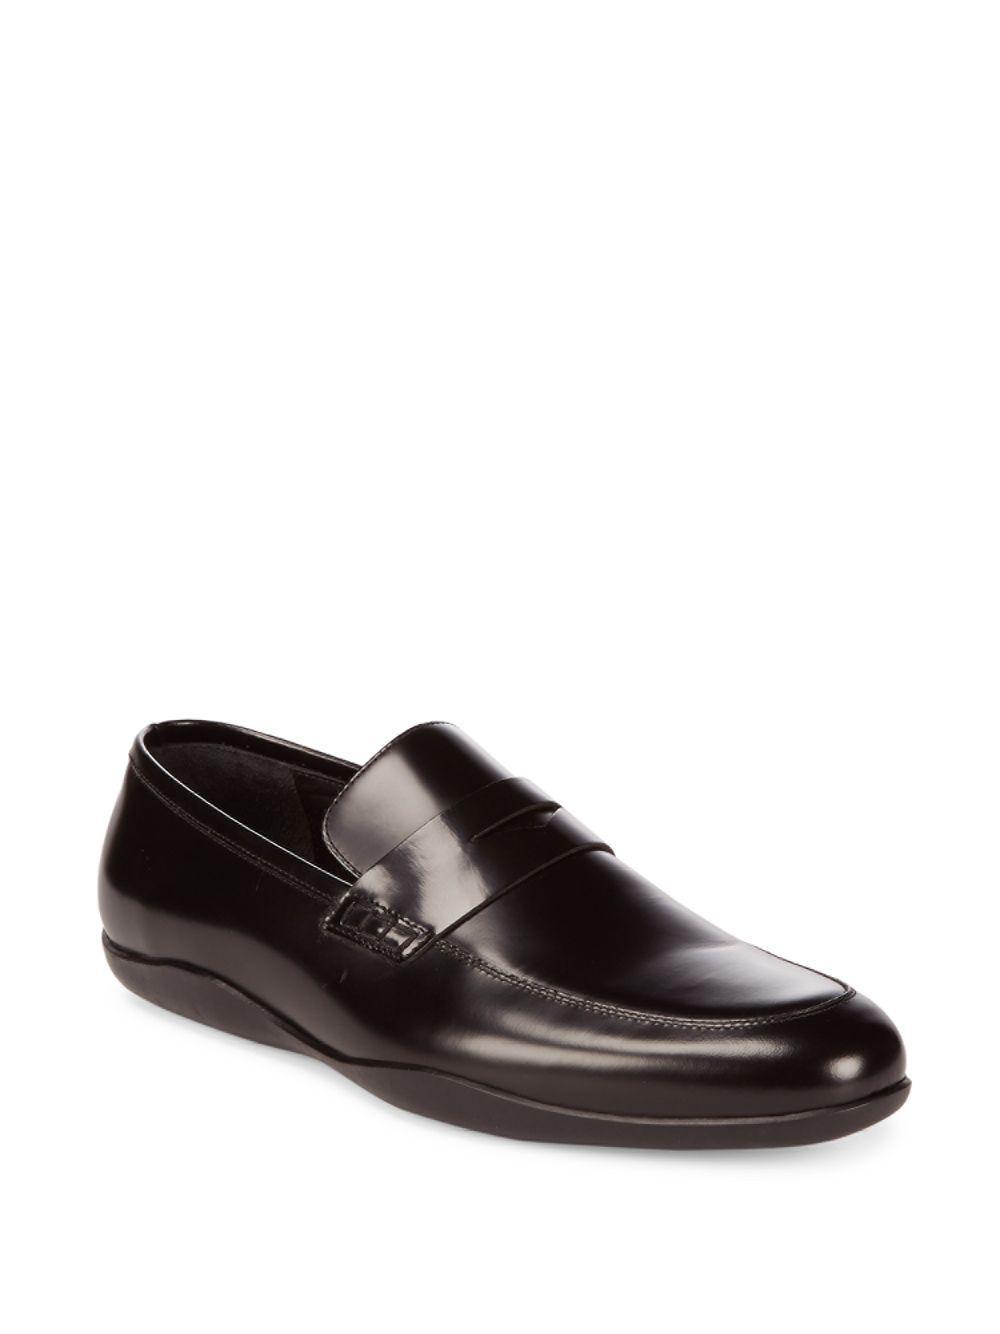 Mens Downing Bit-Embellished Leather Loafers Harrys of London Jgh3pdmGk